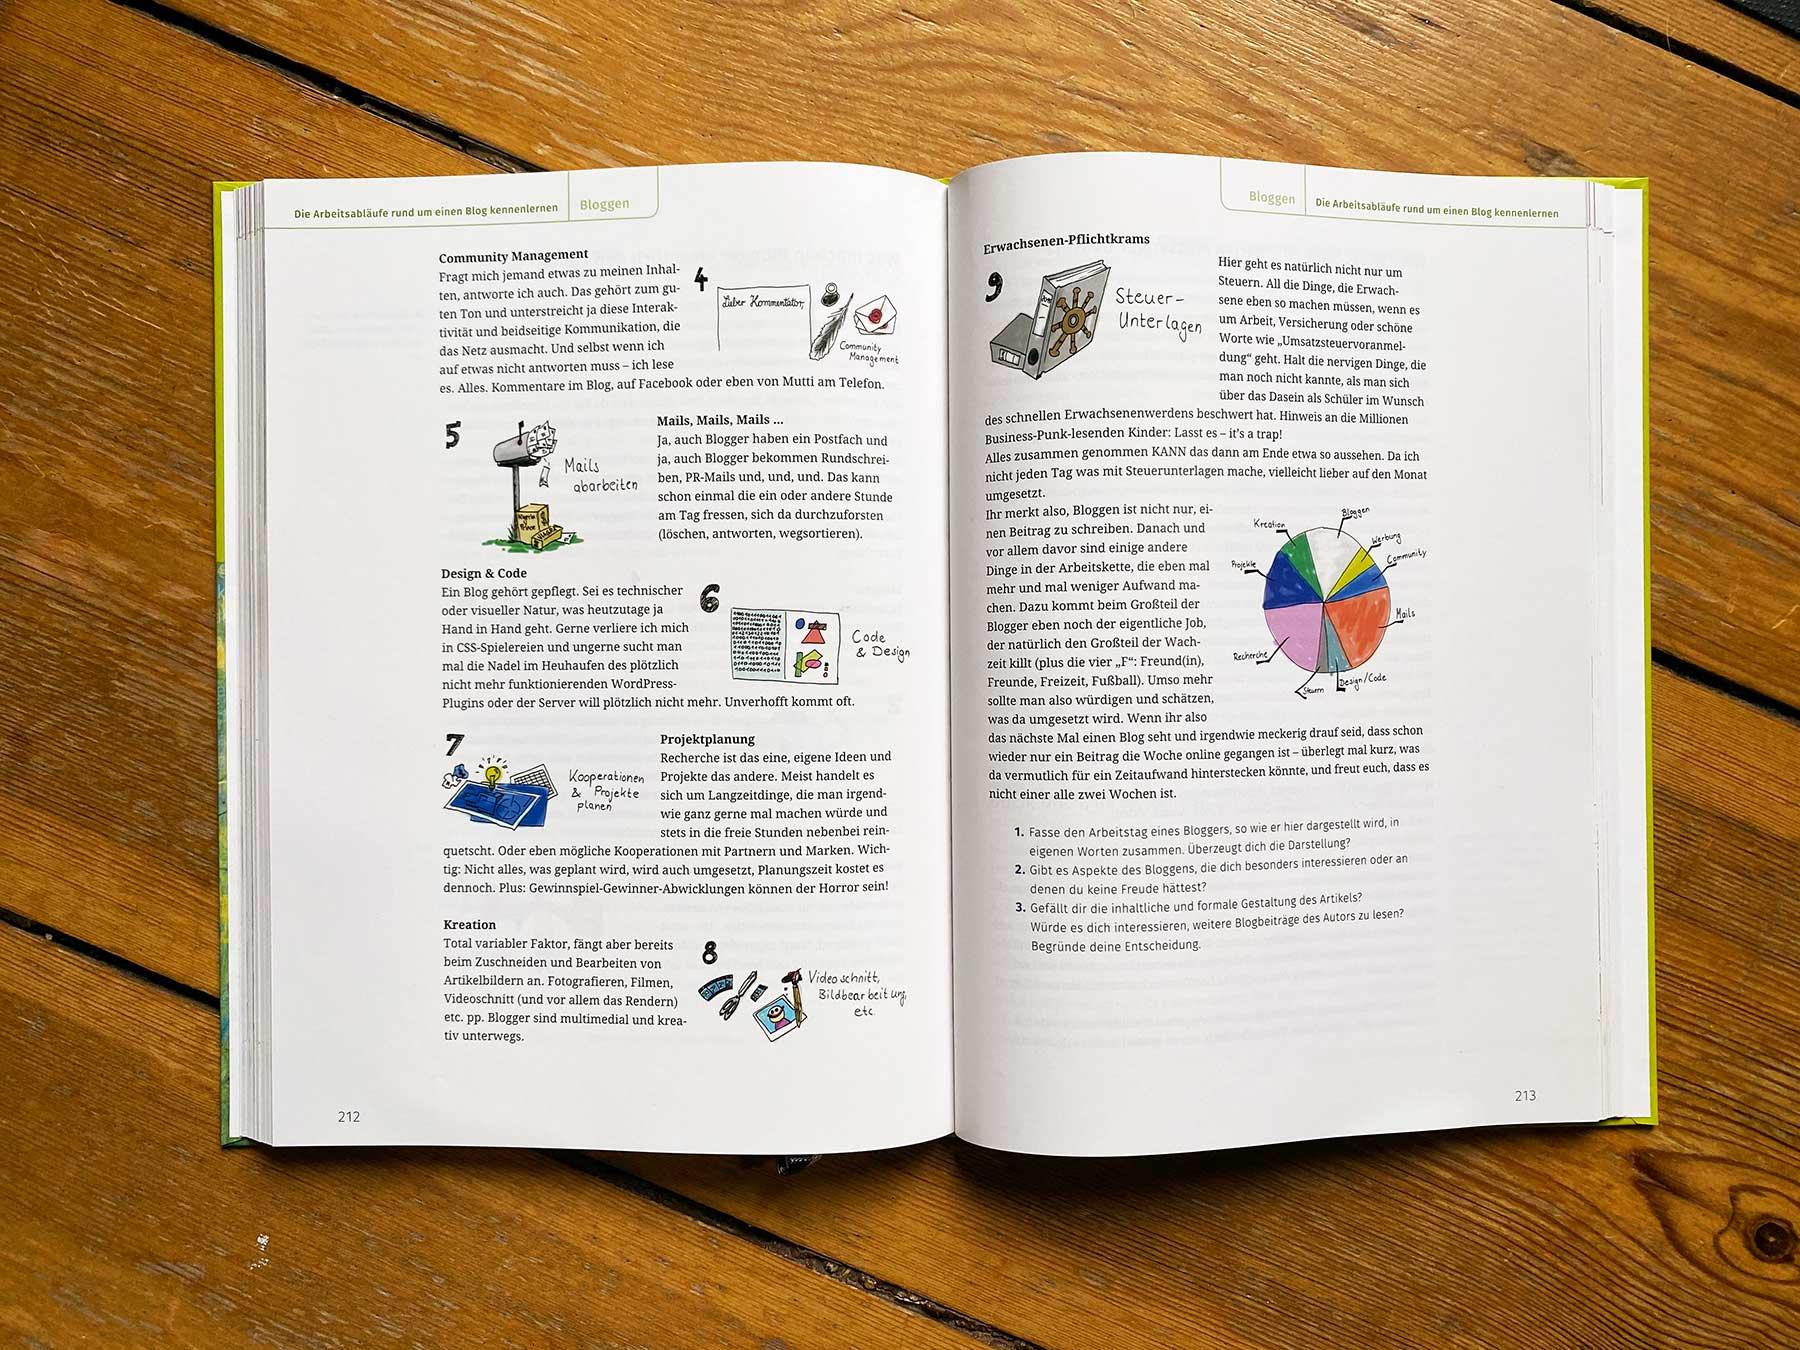 Einer meiner Blogtexte steht jetzt in einem Schulbuch für den Deutschunterricht blogtext-im-schulbuch_03